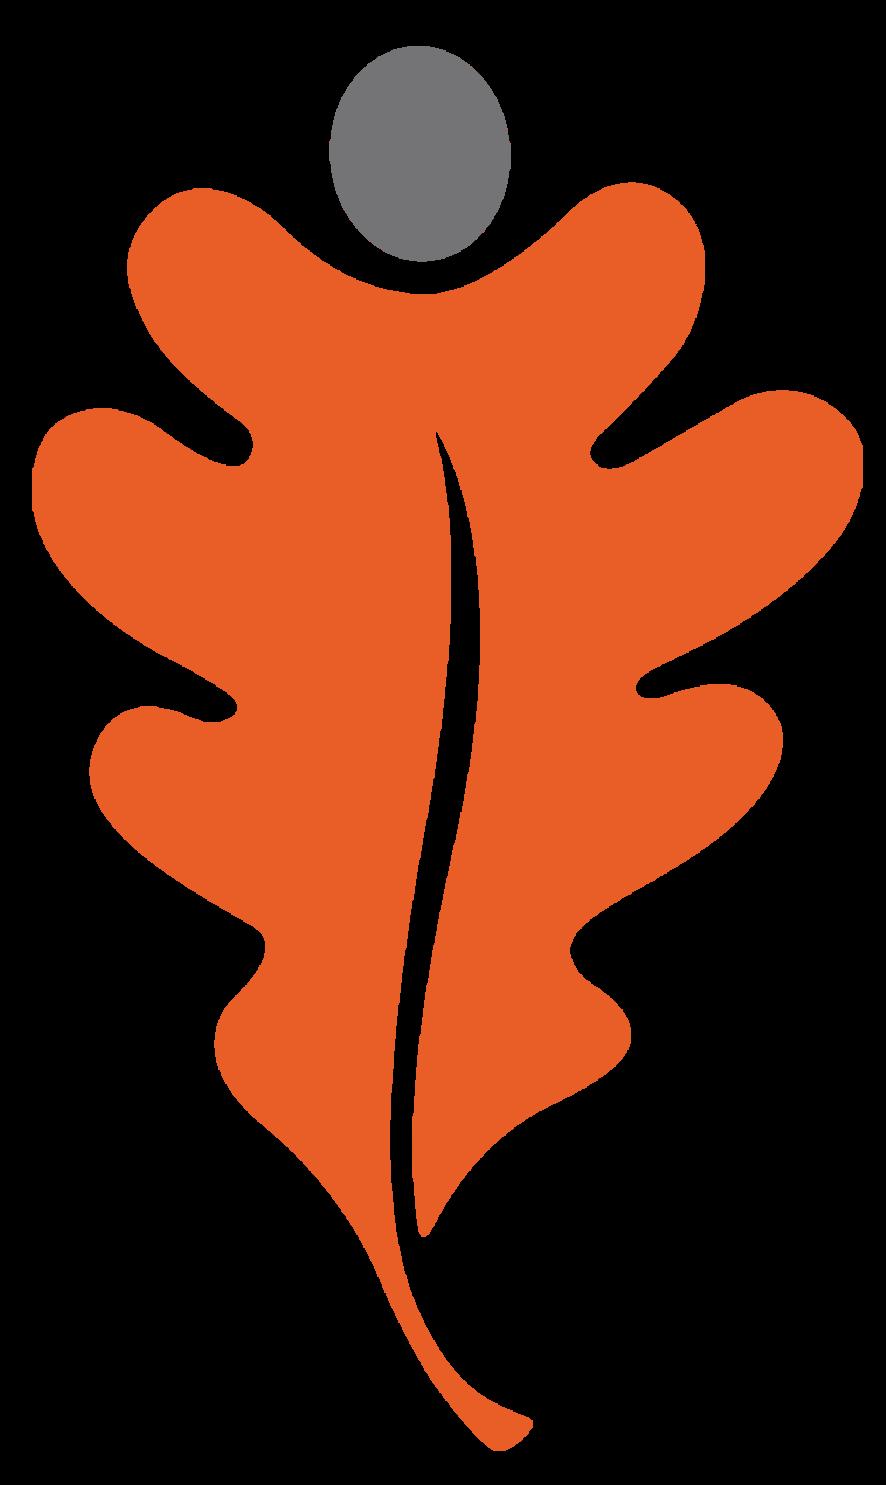 egstrup logo